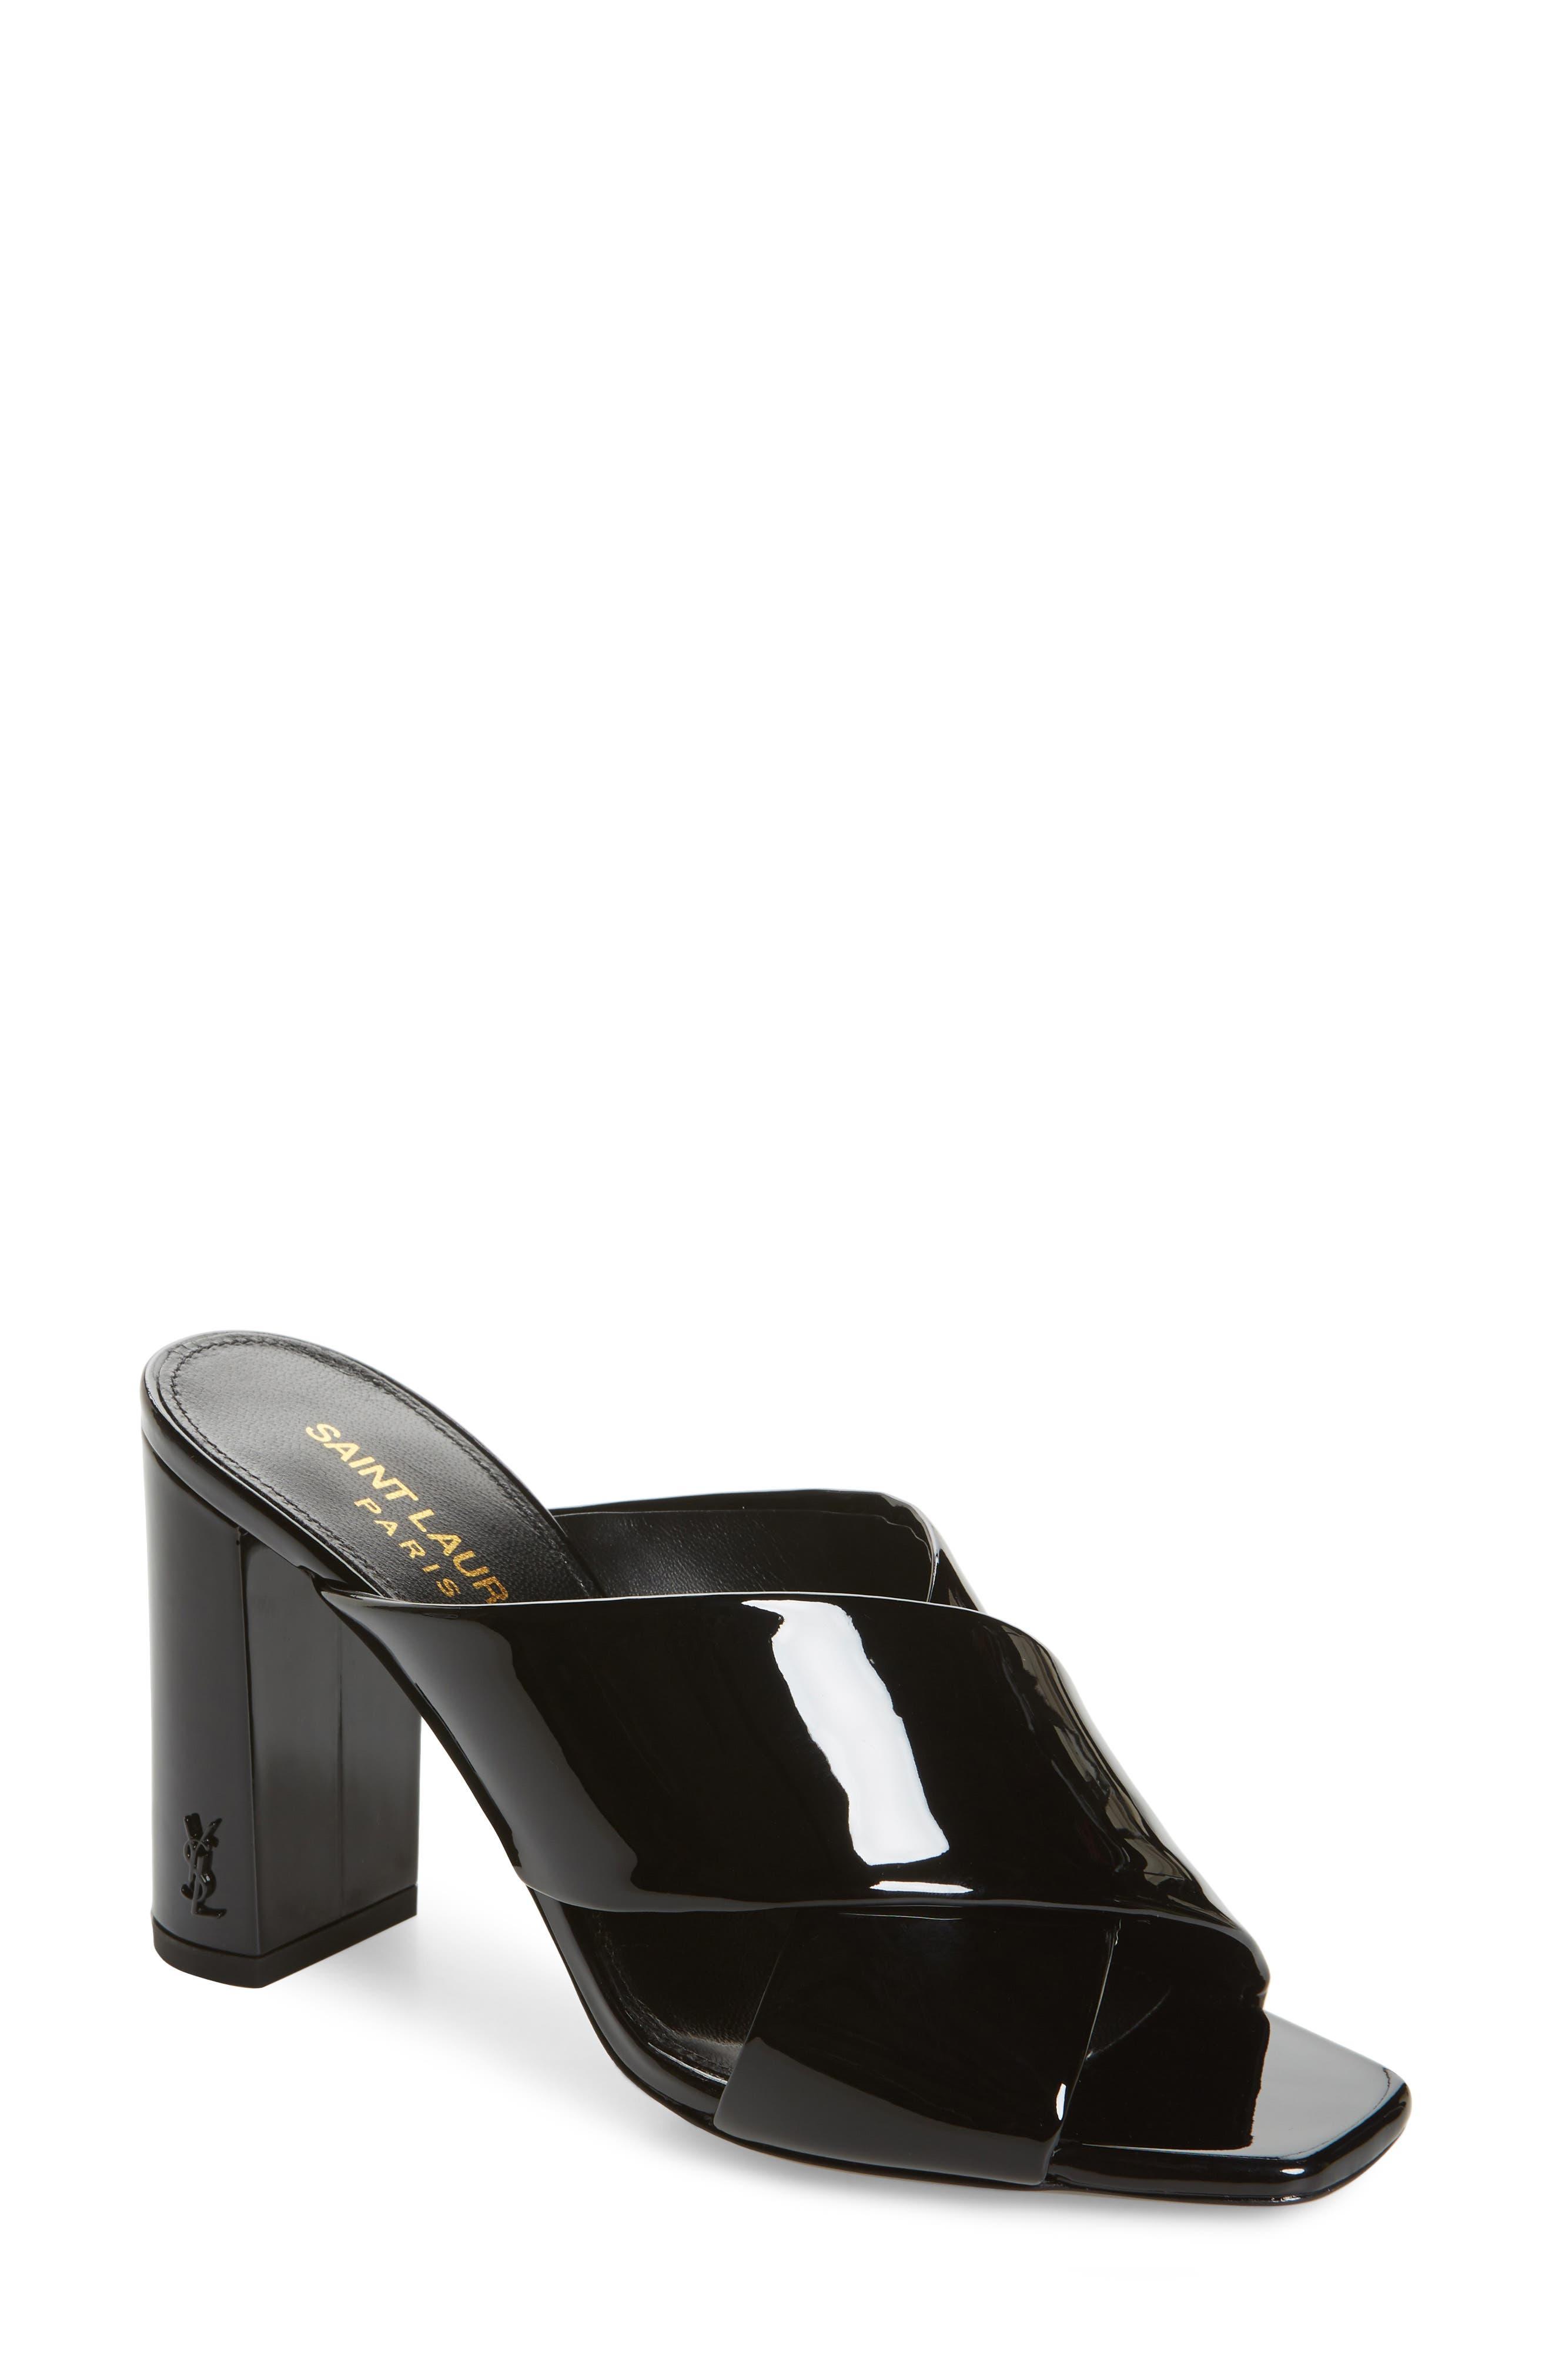 Loulou Slide Sandal,                             Main thumbnail 1, color,                             BLACK PATENT